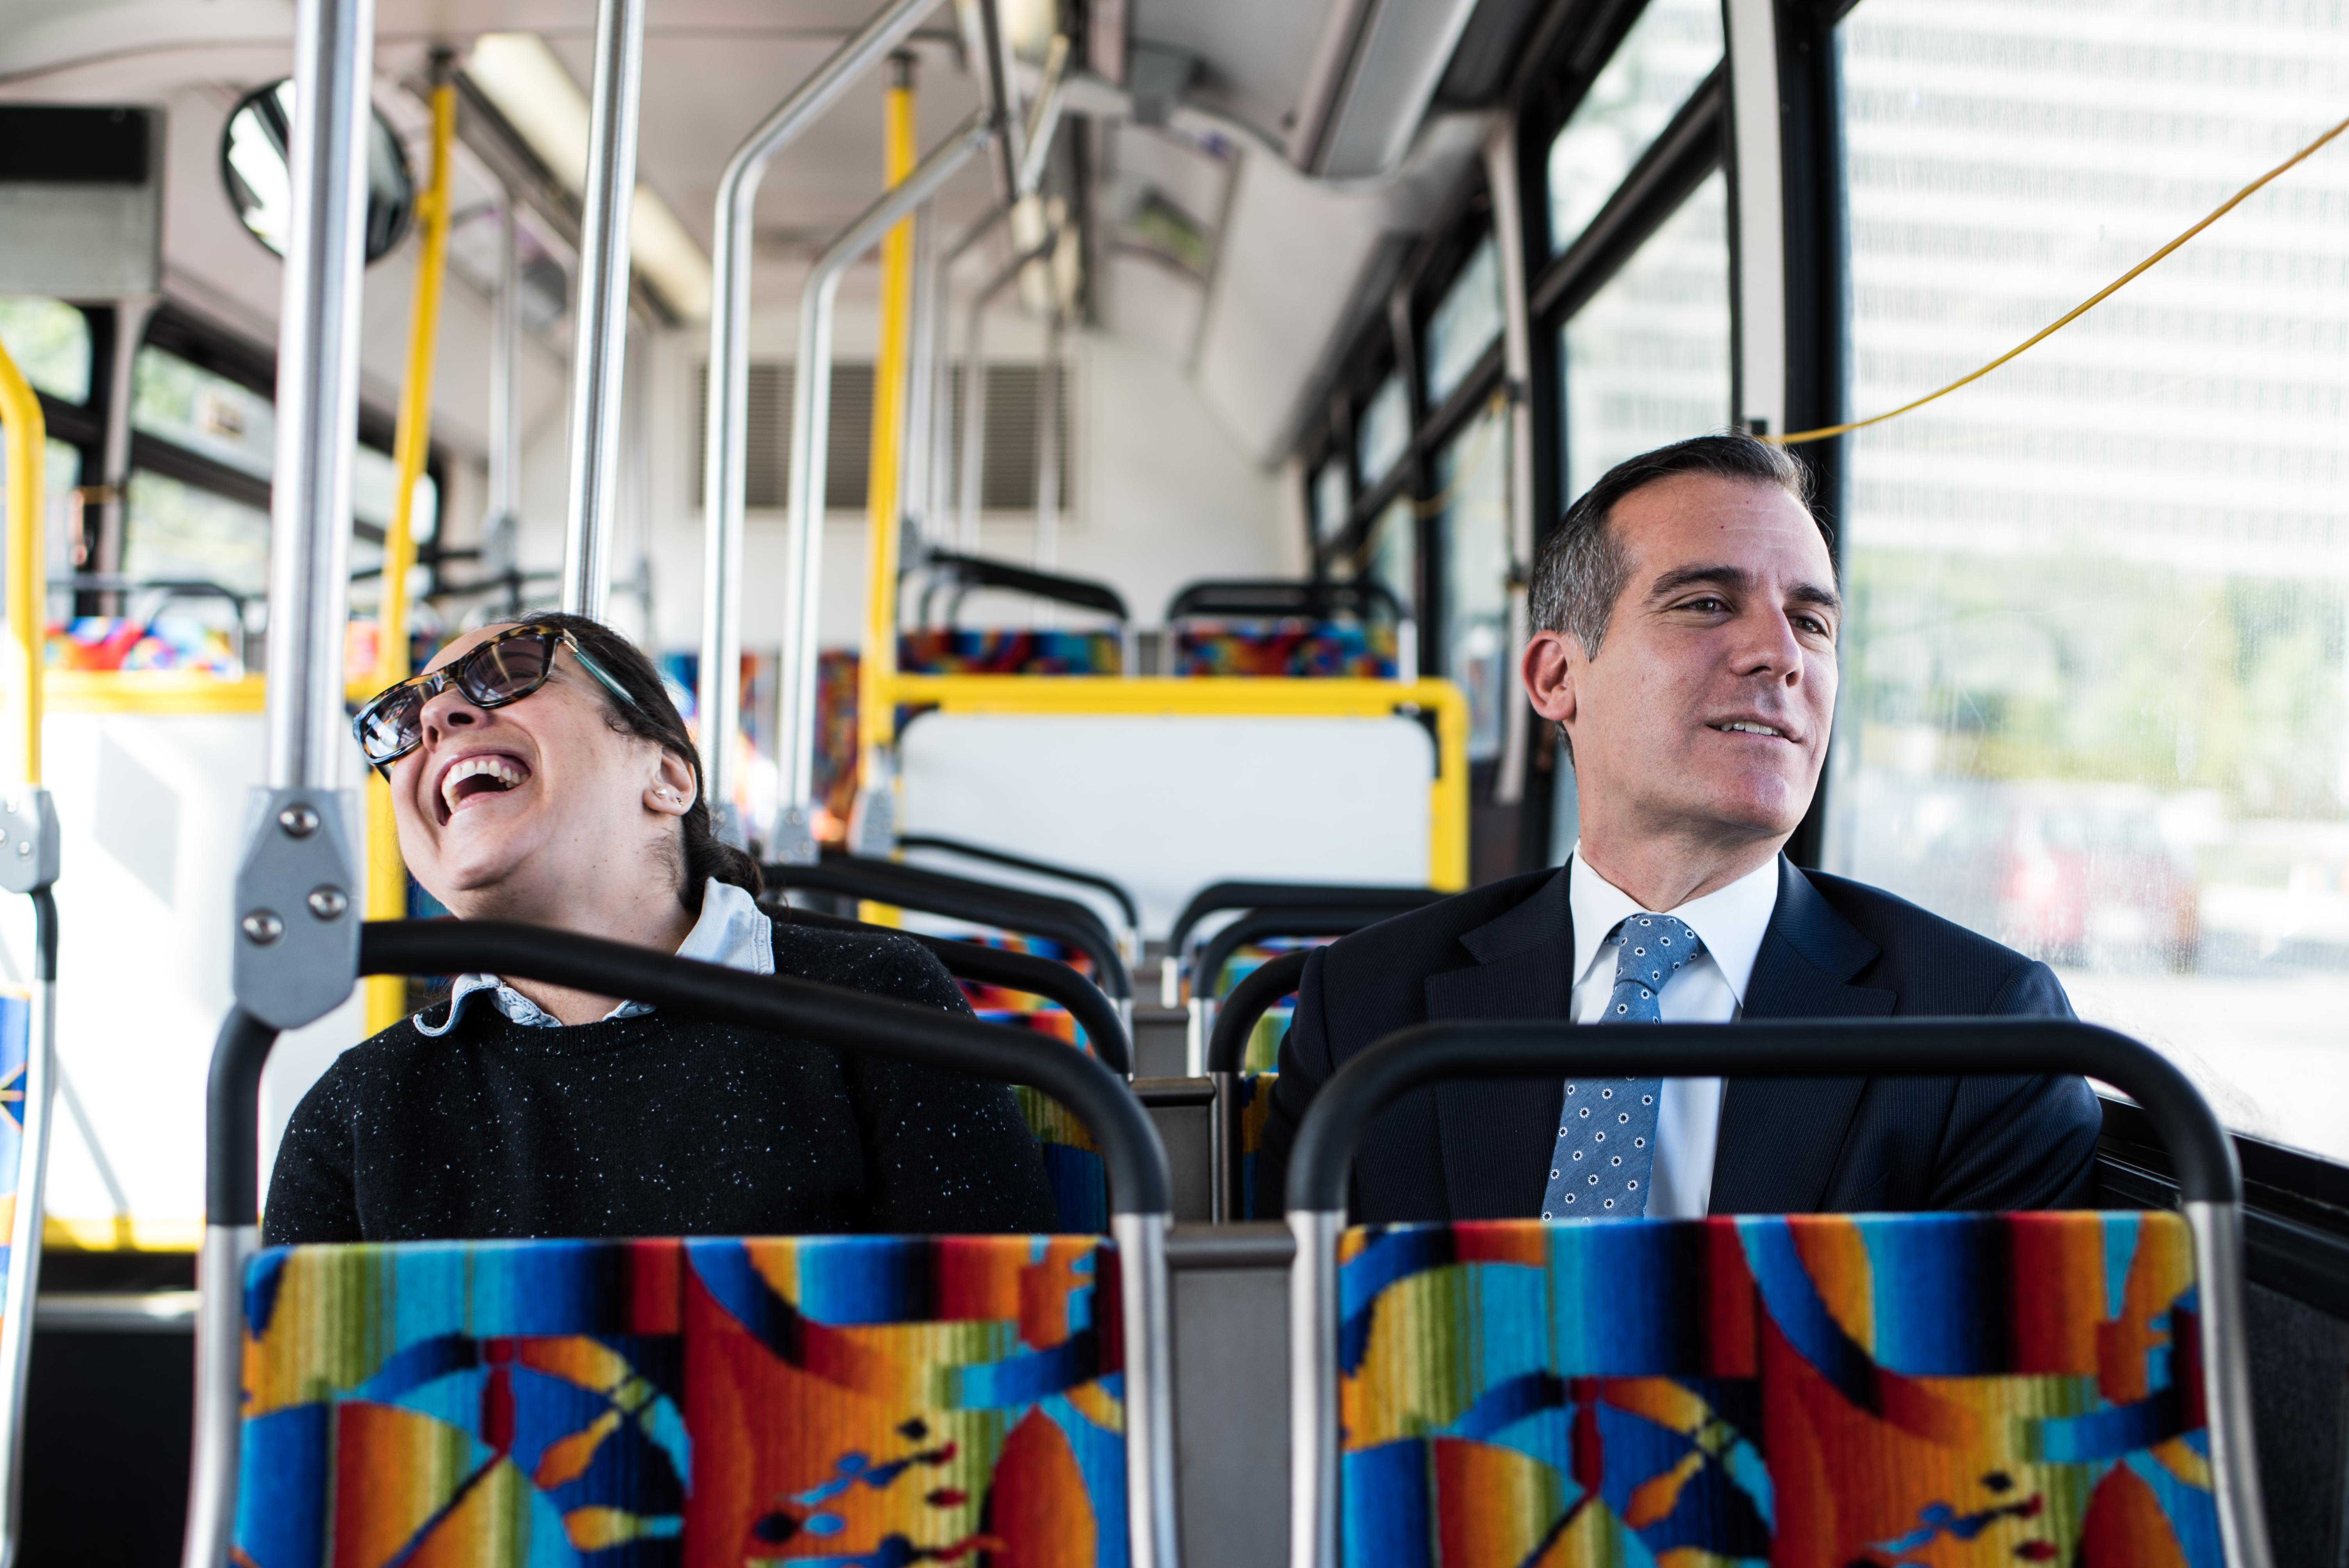 El alcalde Eric Garcetti viaja con una pasajera en un autobús de Metro.